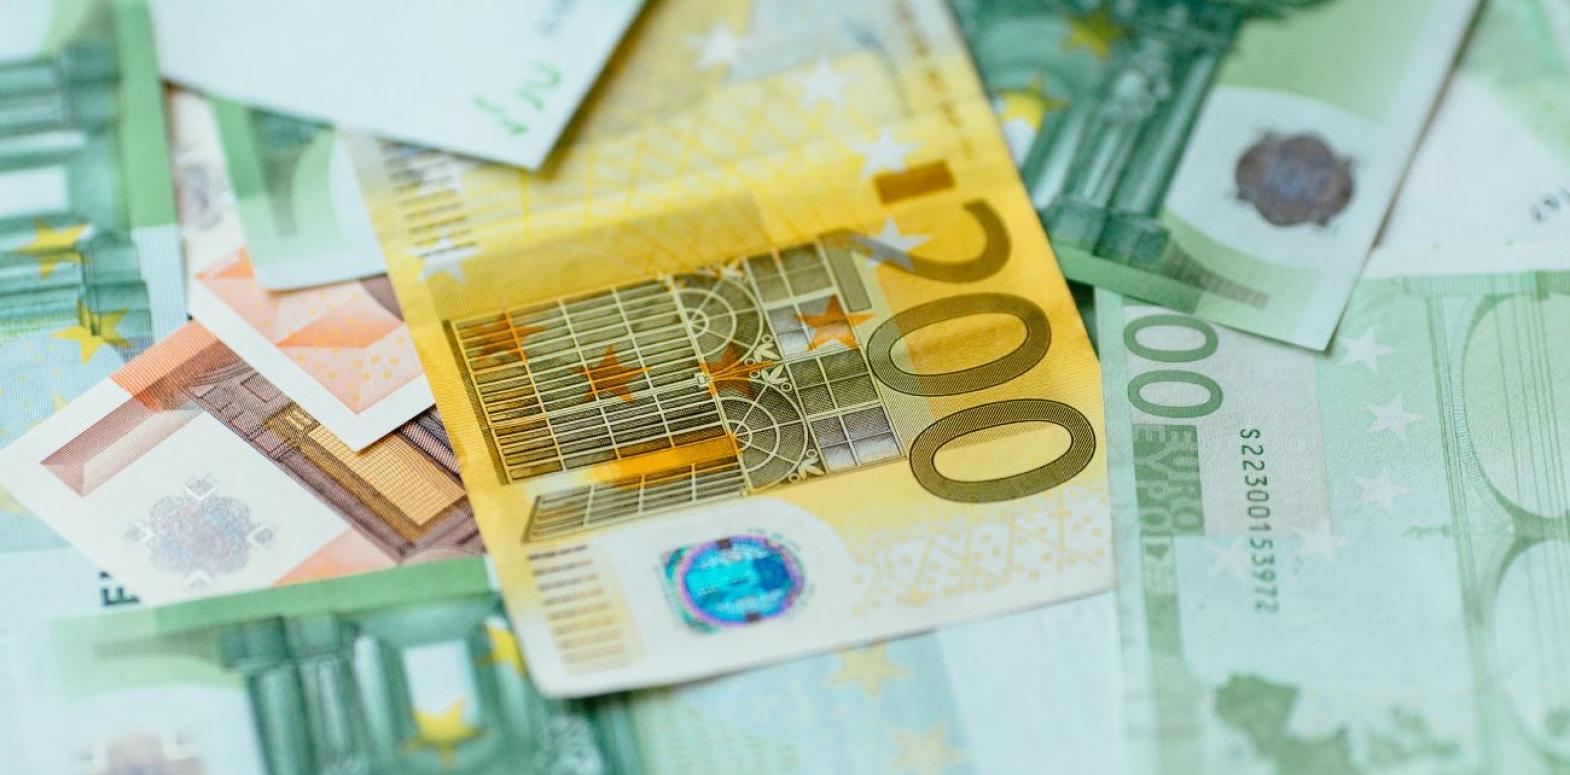 Курс евро упал до минимума с августа прошлого года